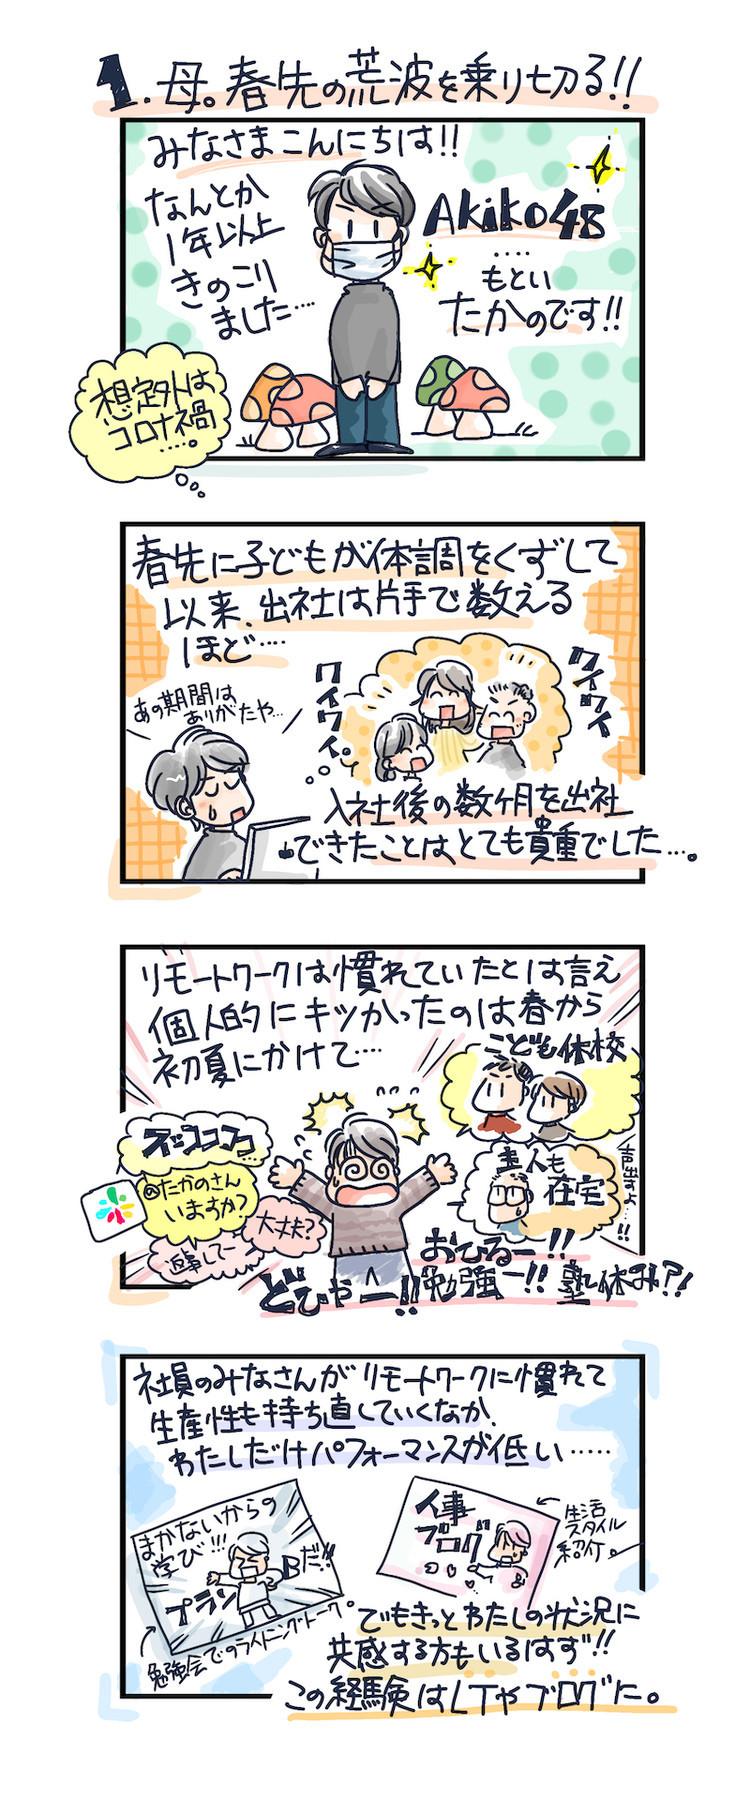 f:id:akiko-pusu:20201201182744j:plain